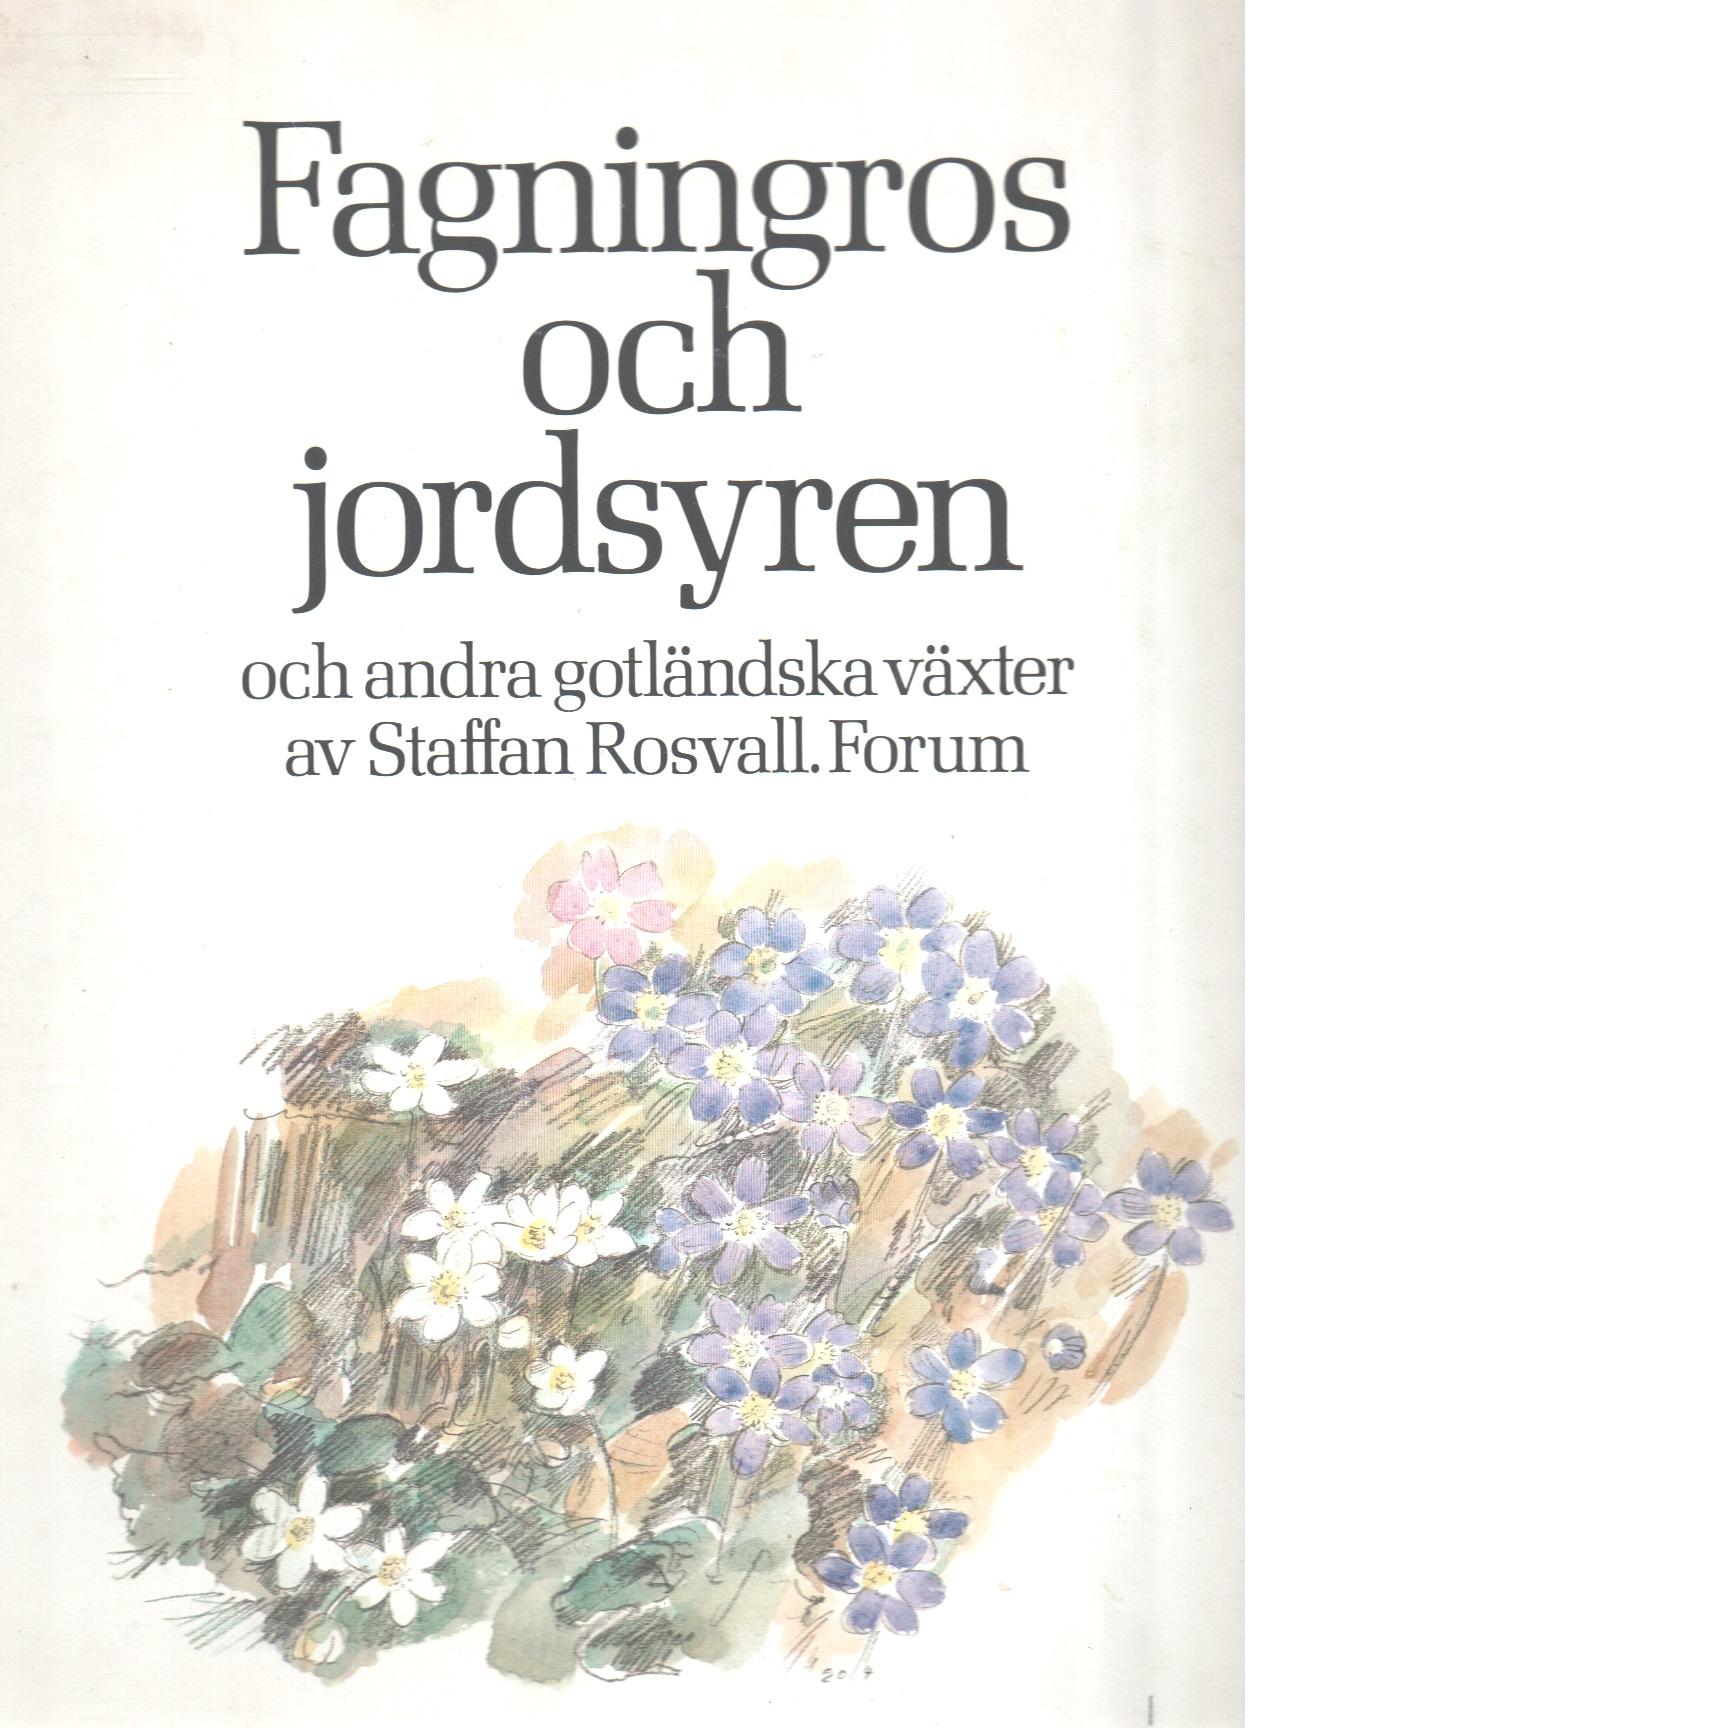 Fagningros och jordsyren och andra gotländska växter - Rosvall, Staffan